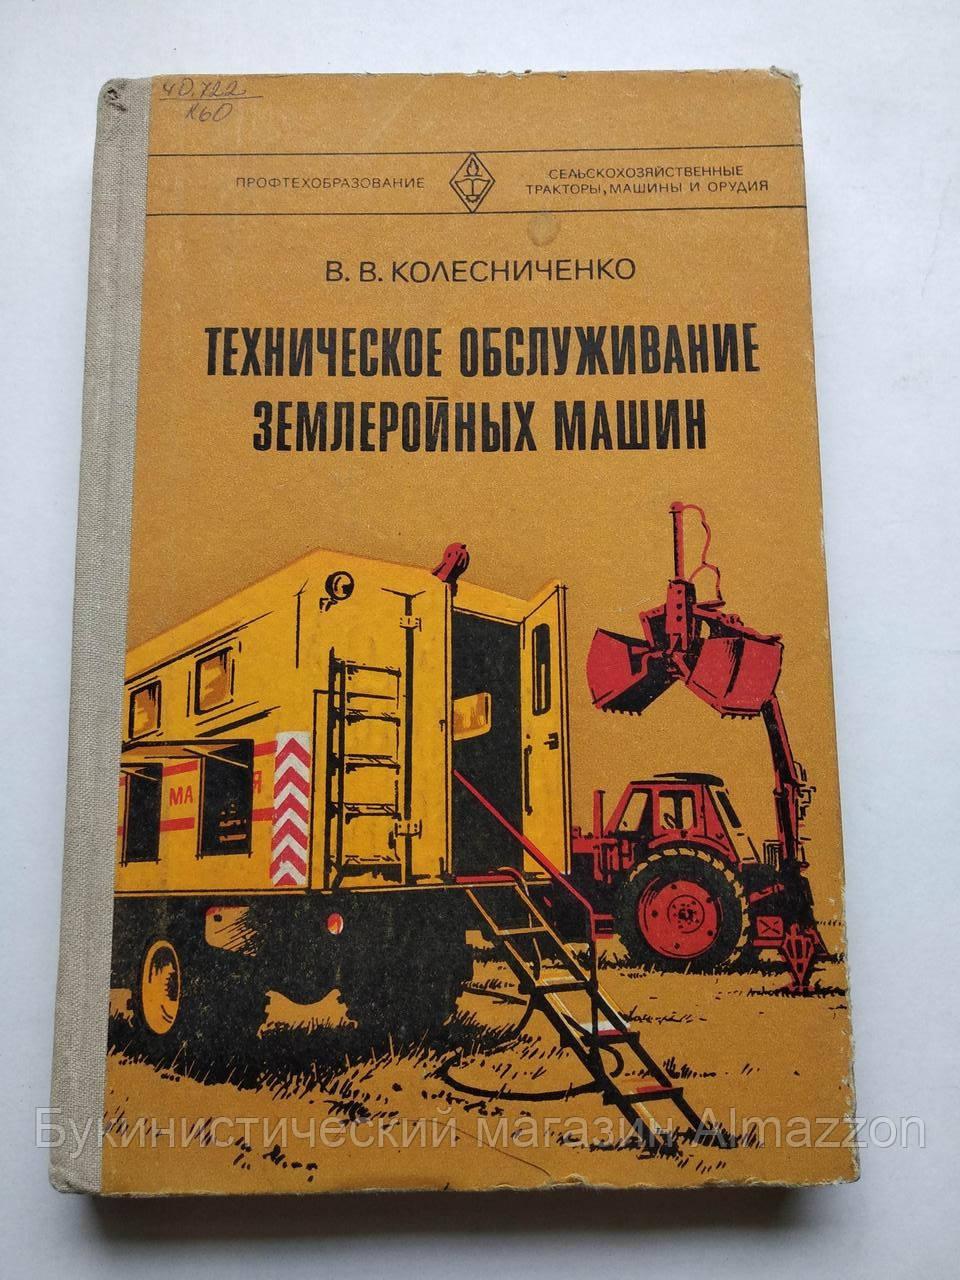 Техническое обслуживание землеройных машин В.В.Колесниченко